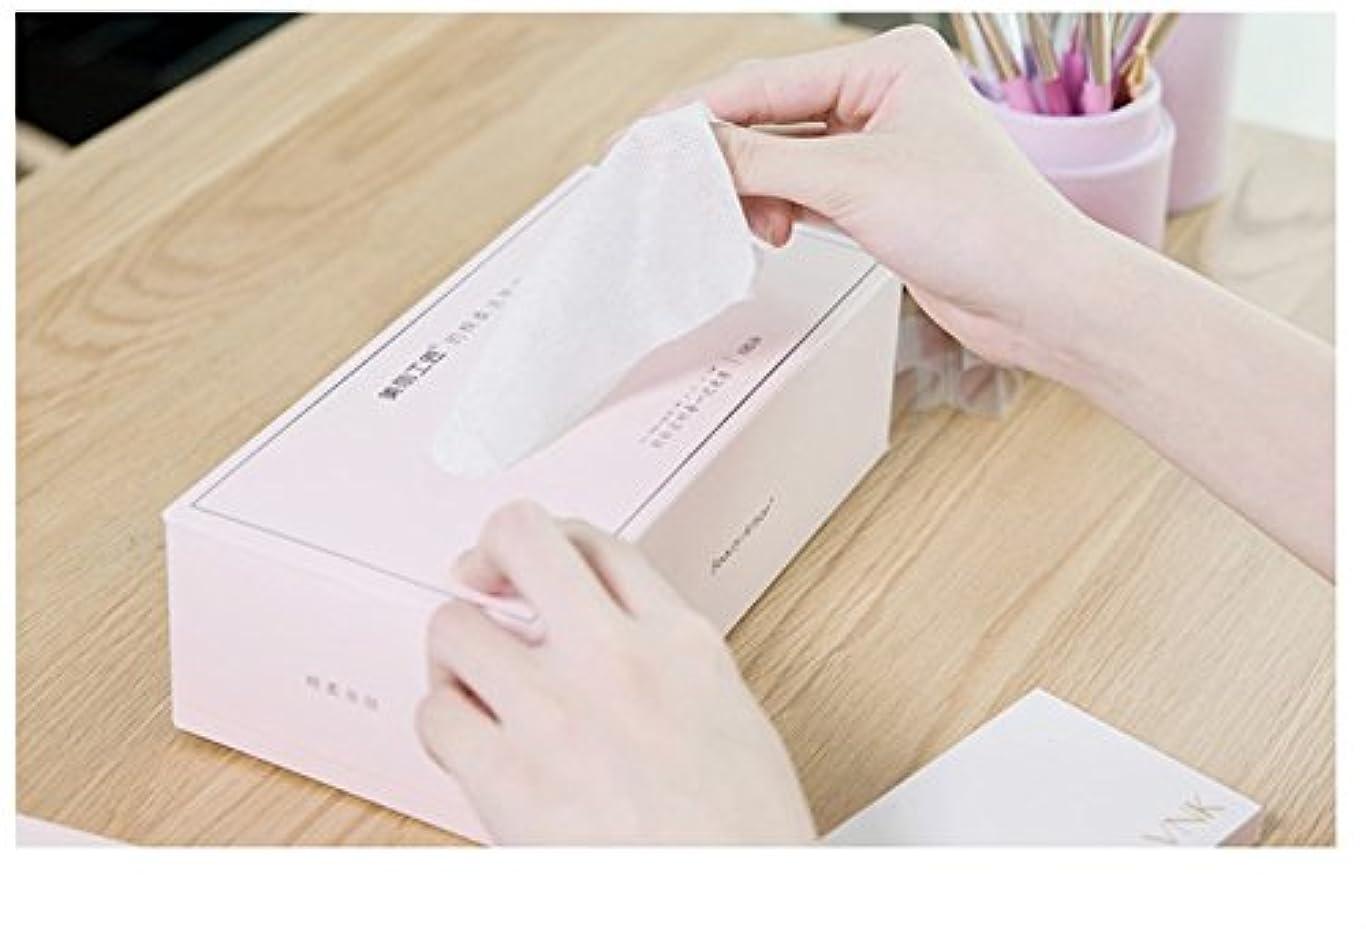 先例コジオスコアルバムAorunji 柔らかい スーパーソフトピュアコットンティッシュ使い捨てリントフリーコットンパッドティッシュアイメイクアップリムーバー(Appr.100) (色 : Pink)